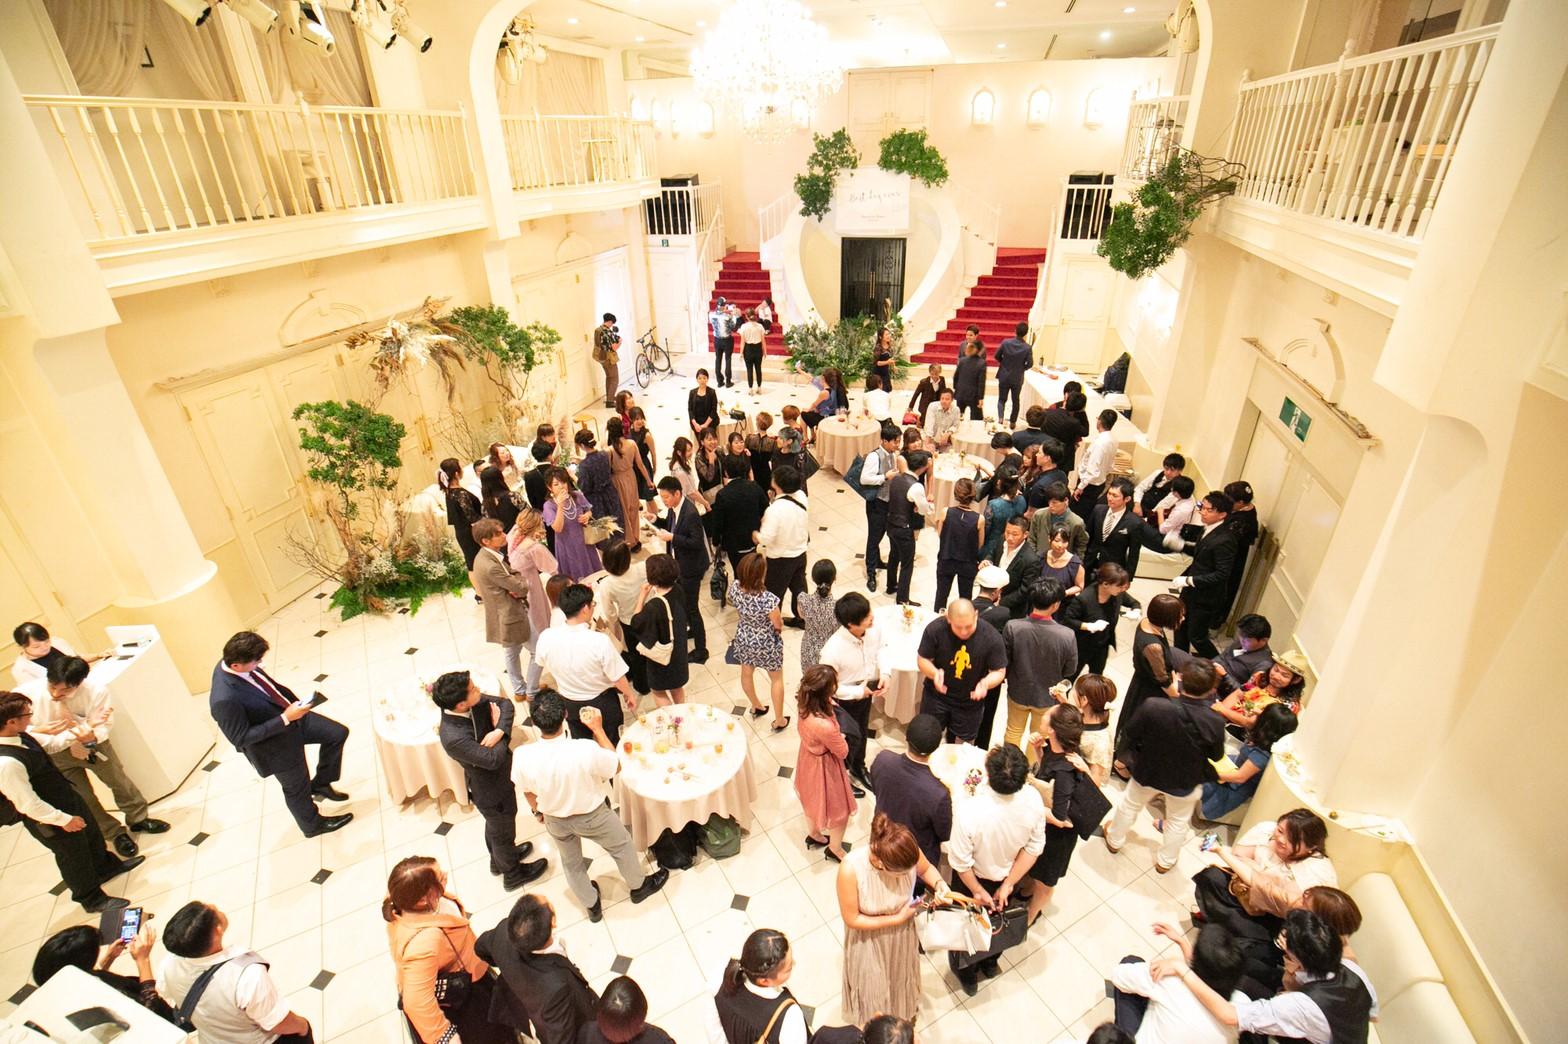 2019.8.8結婚式二次会 立食パーティー 130人